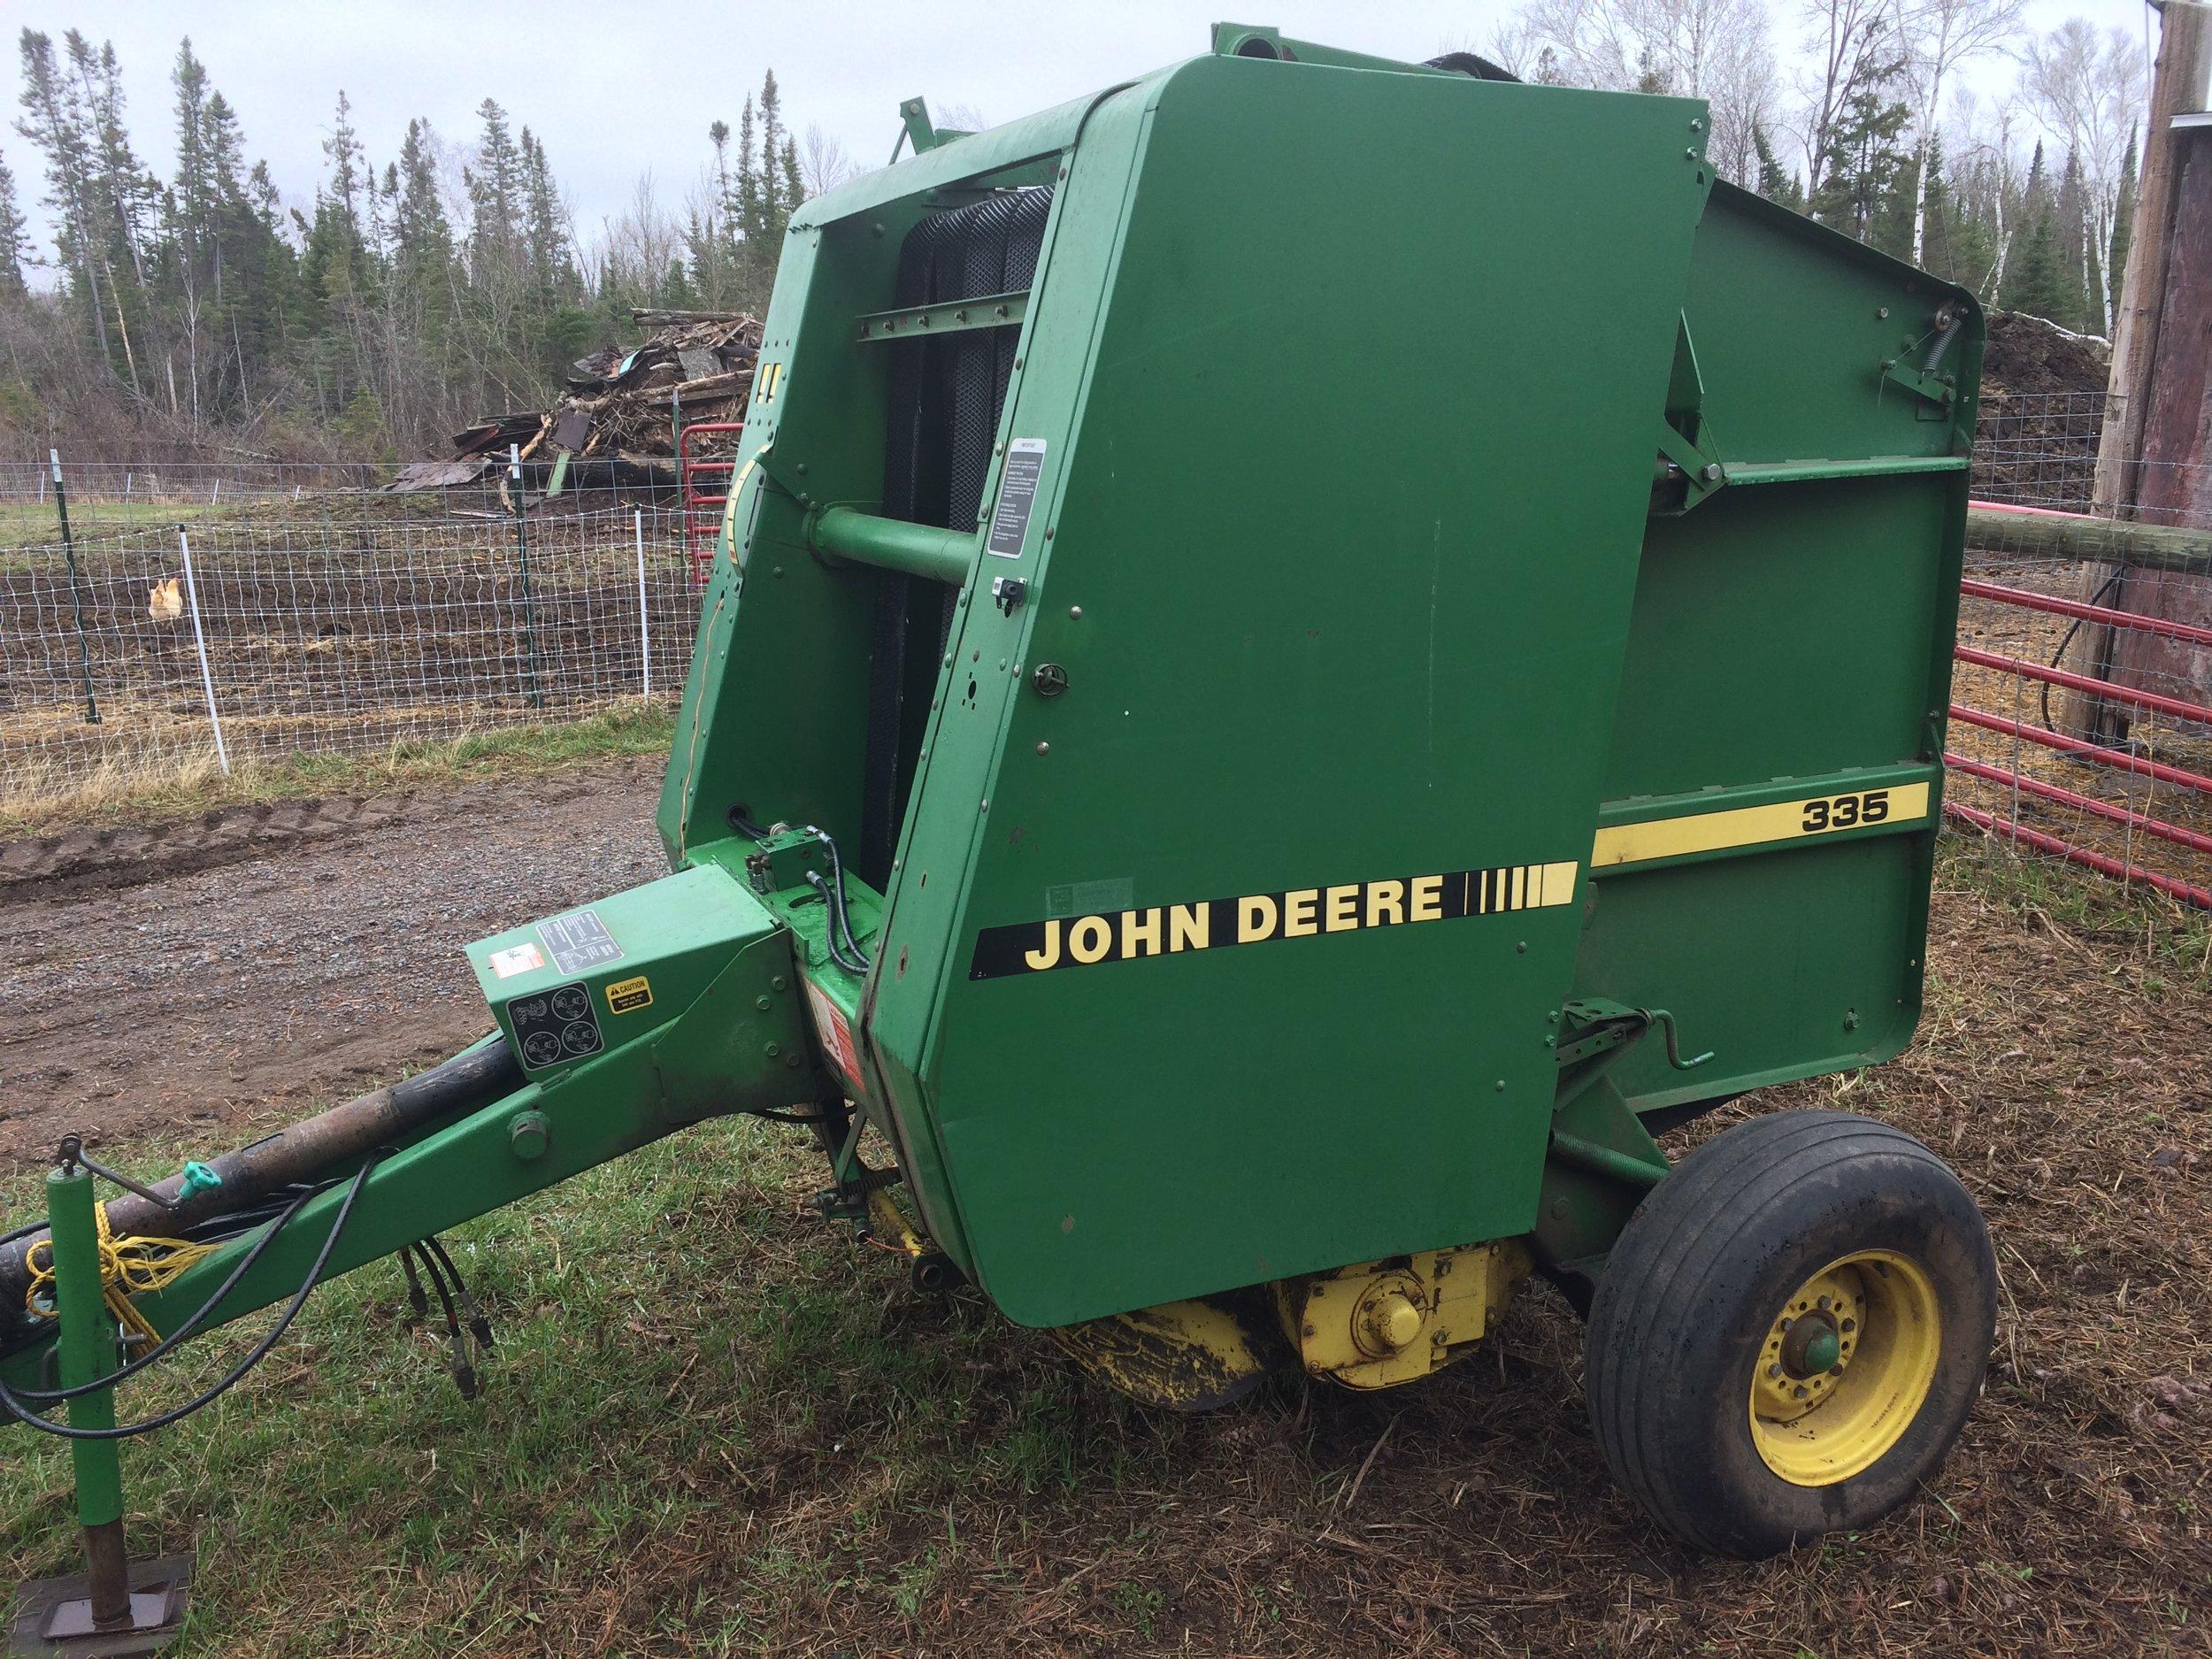 John Deere 335.JPG